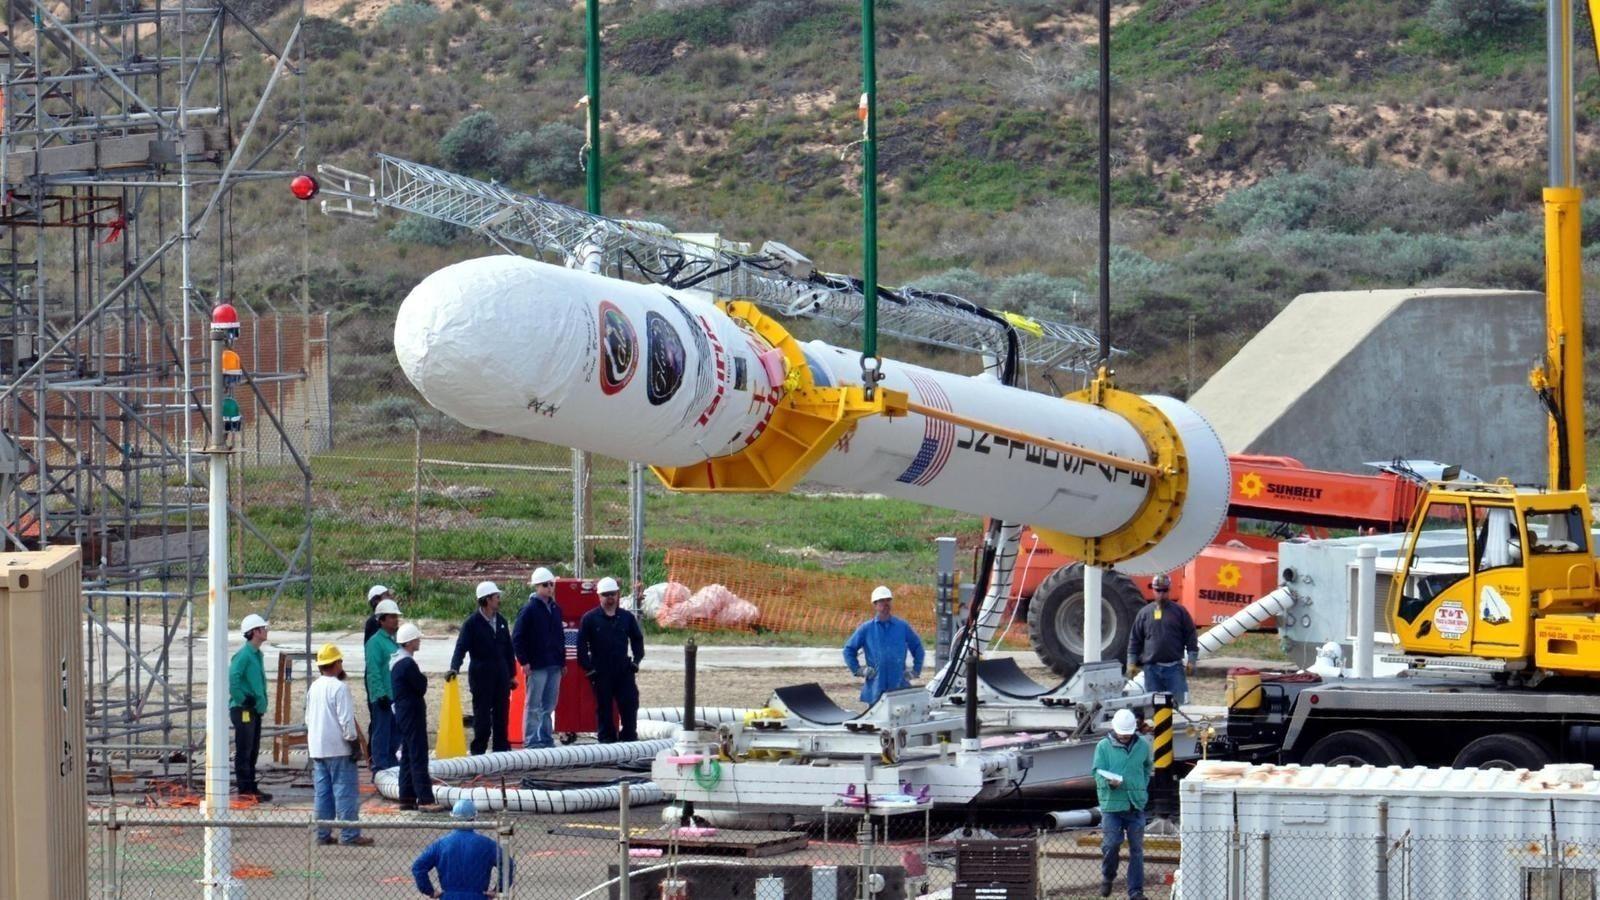 Хуурамч материалыг пуужин бүтээхэд ашигласнаас NASA $700 саяын хохирол амсжээ